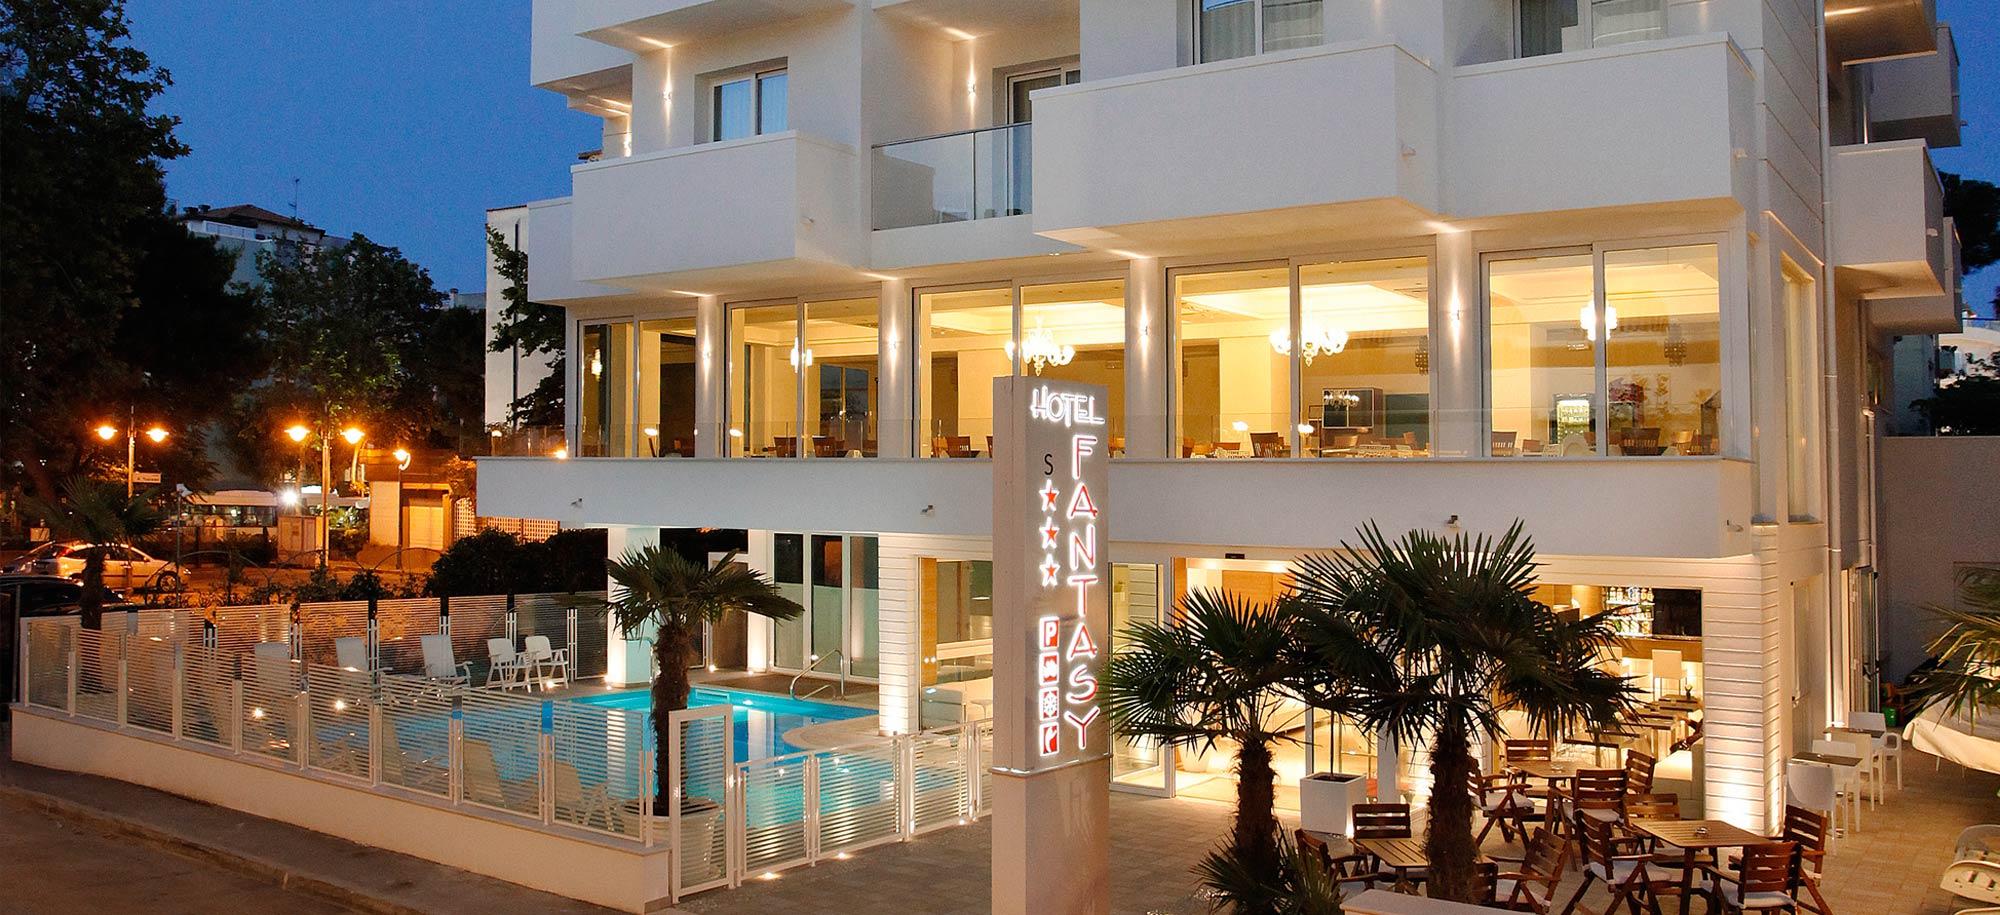 Hotel riccione 3 stelle superior con piscina hotel fantasy for Hotel siracusa 3 stelle